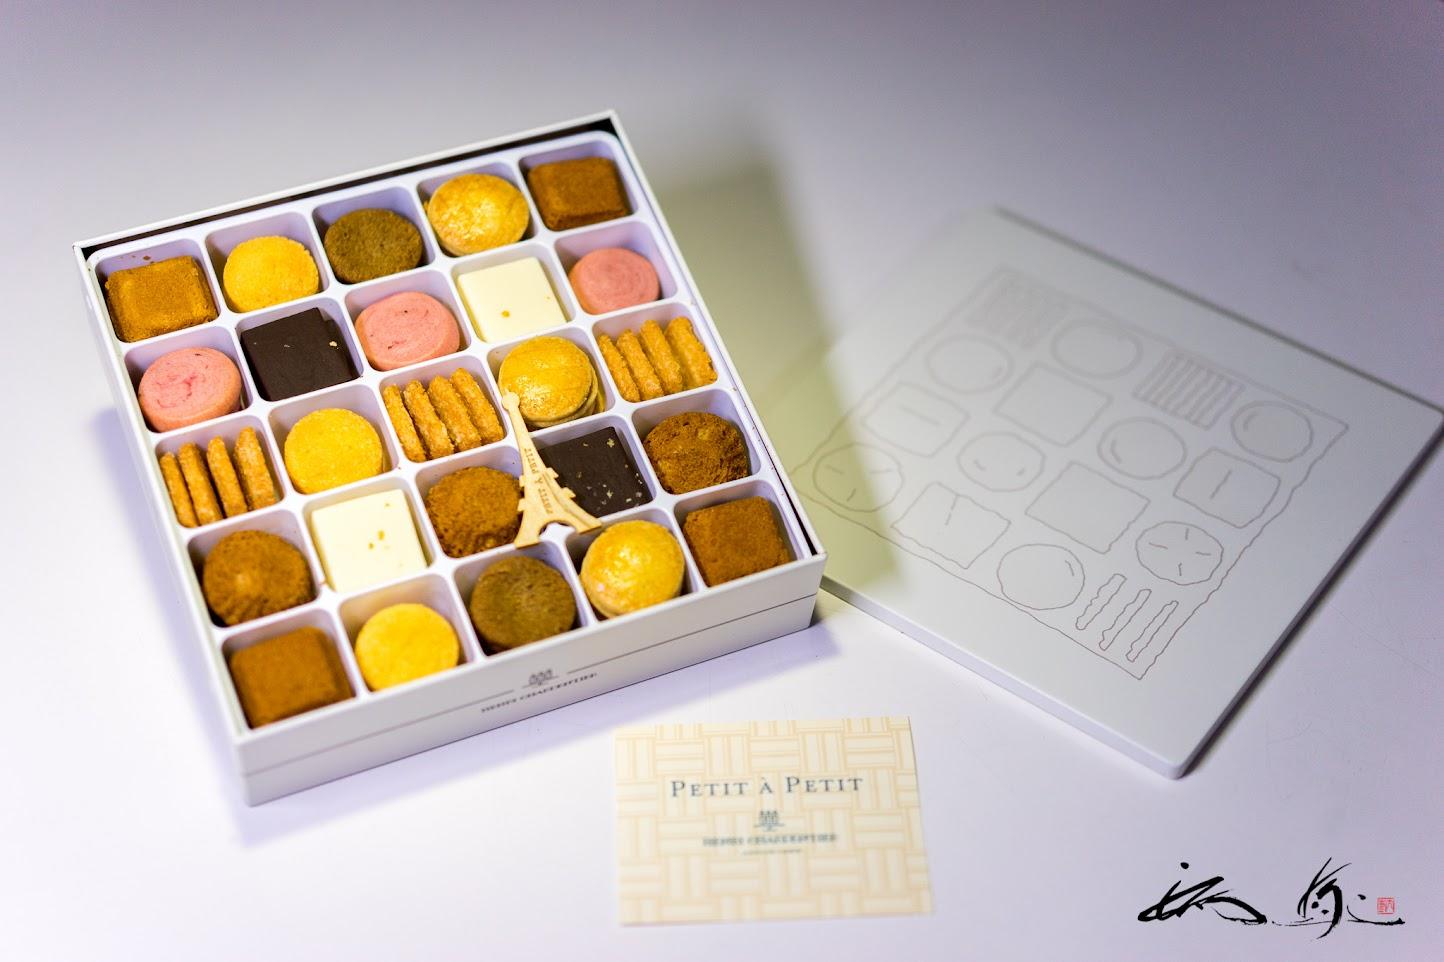 フランスの香り漂う可愛いクッキー